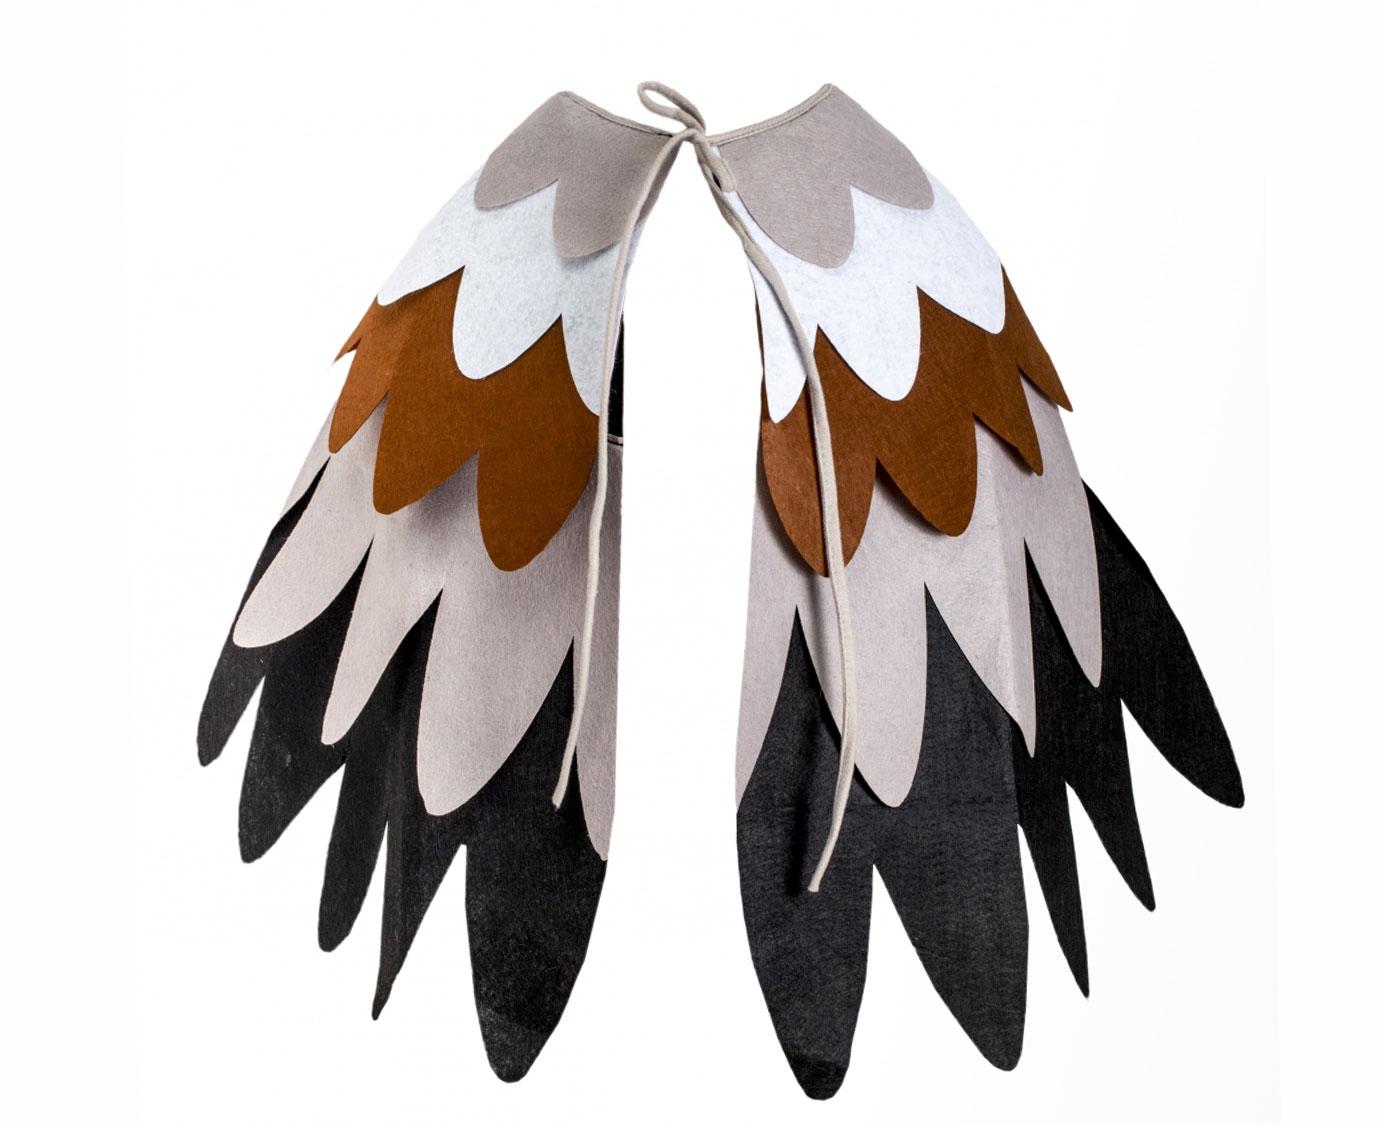 Vleugels 'Vogel vilt'